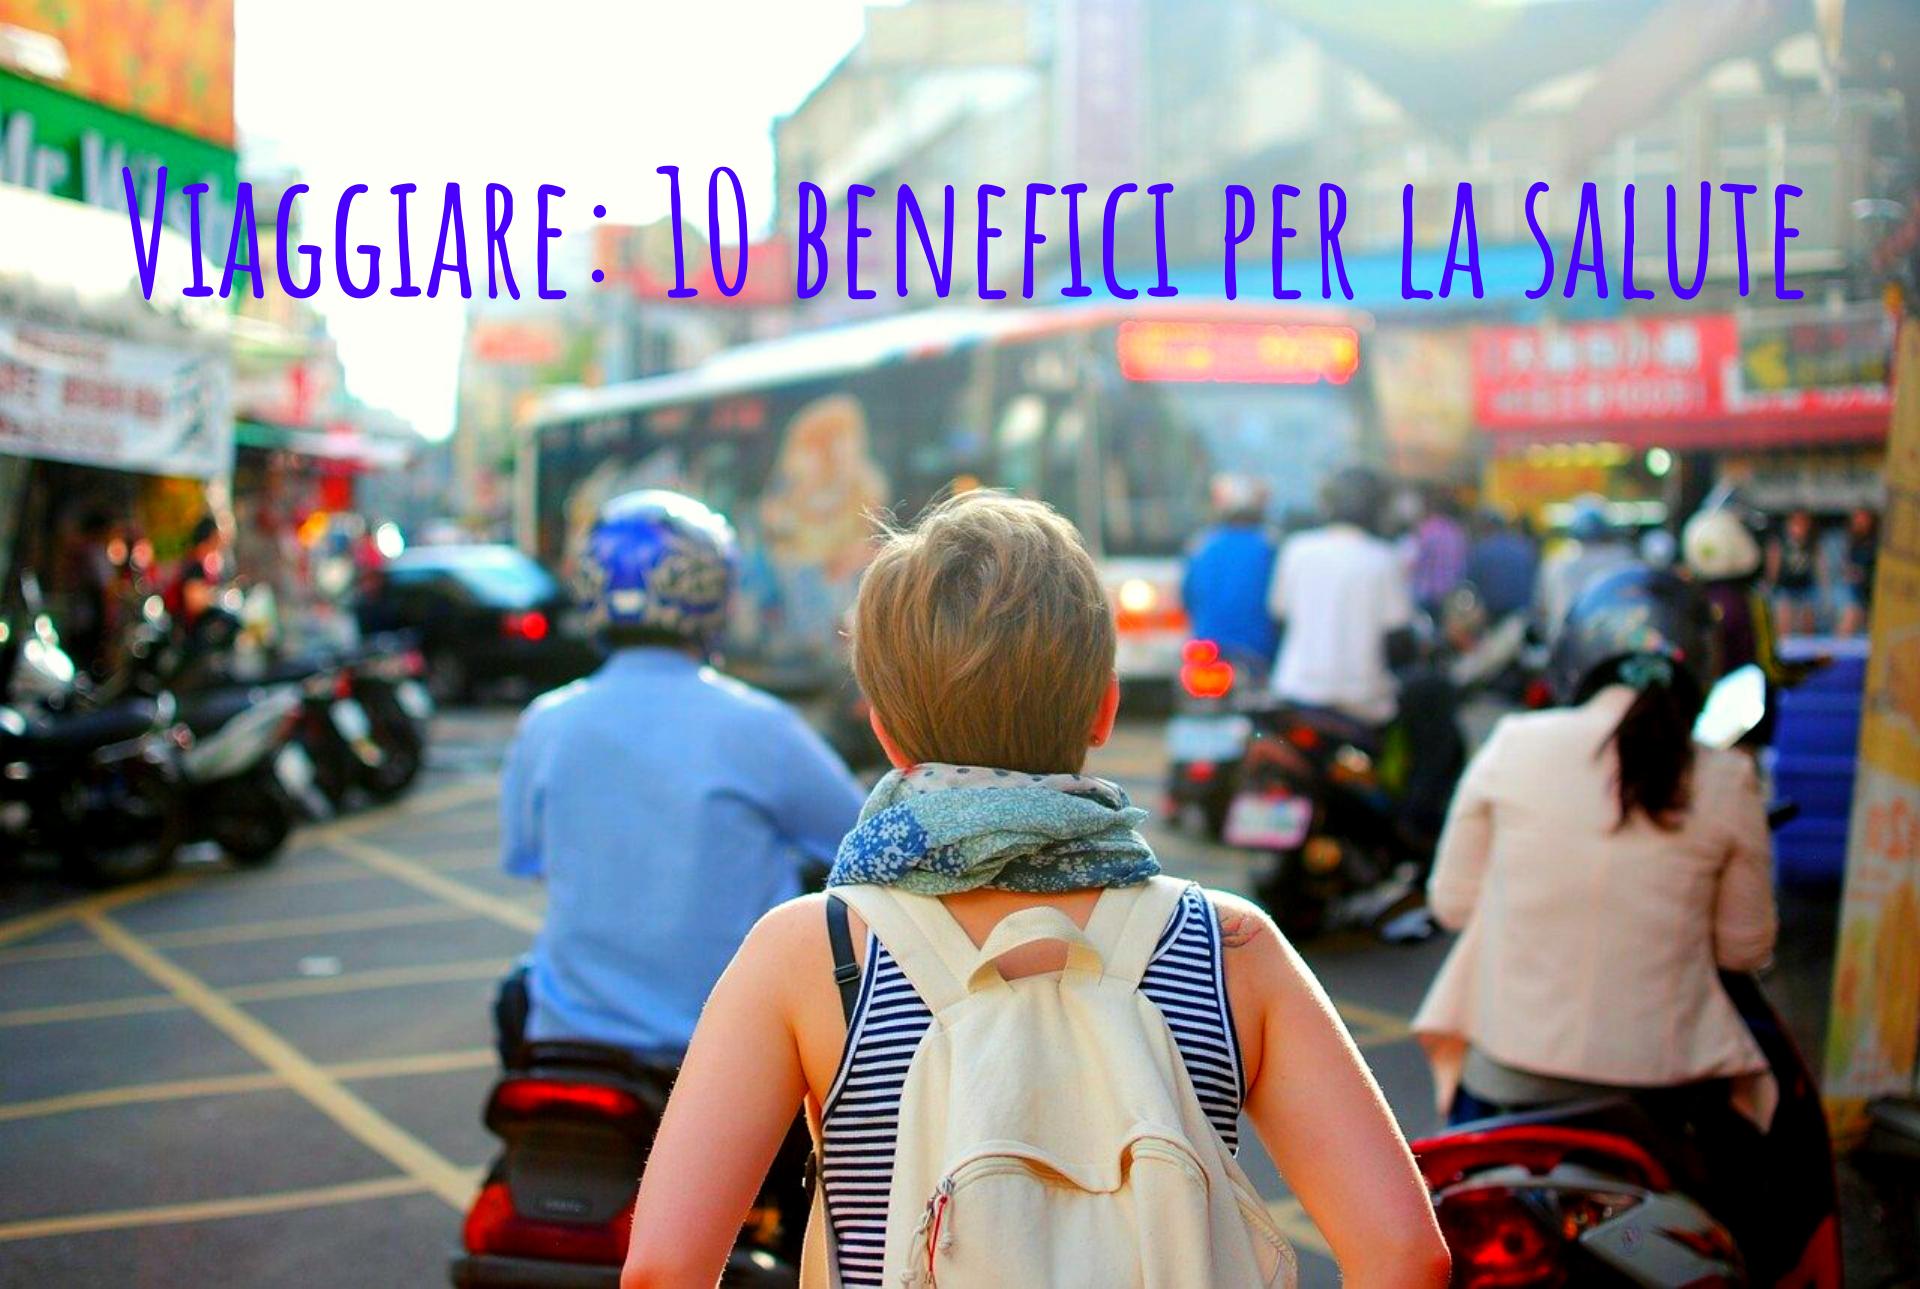 Viaggiare: 10 benefici per la salute psicofisica